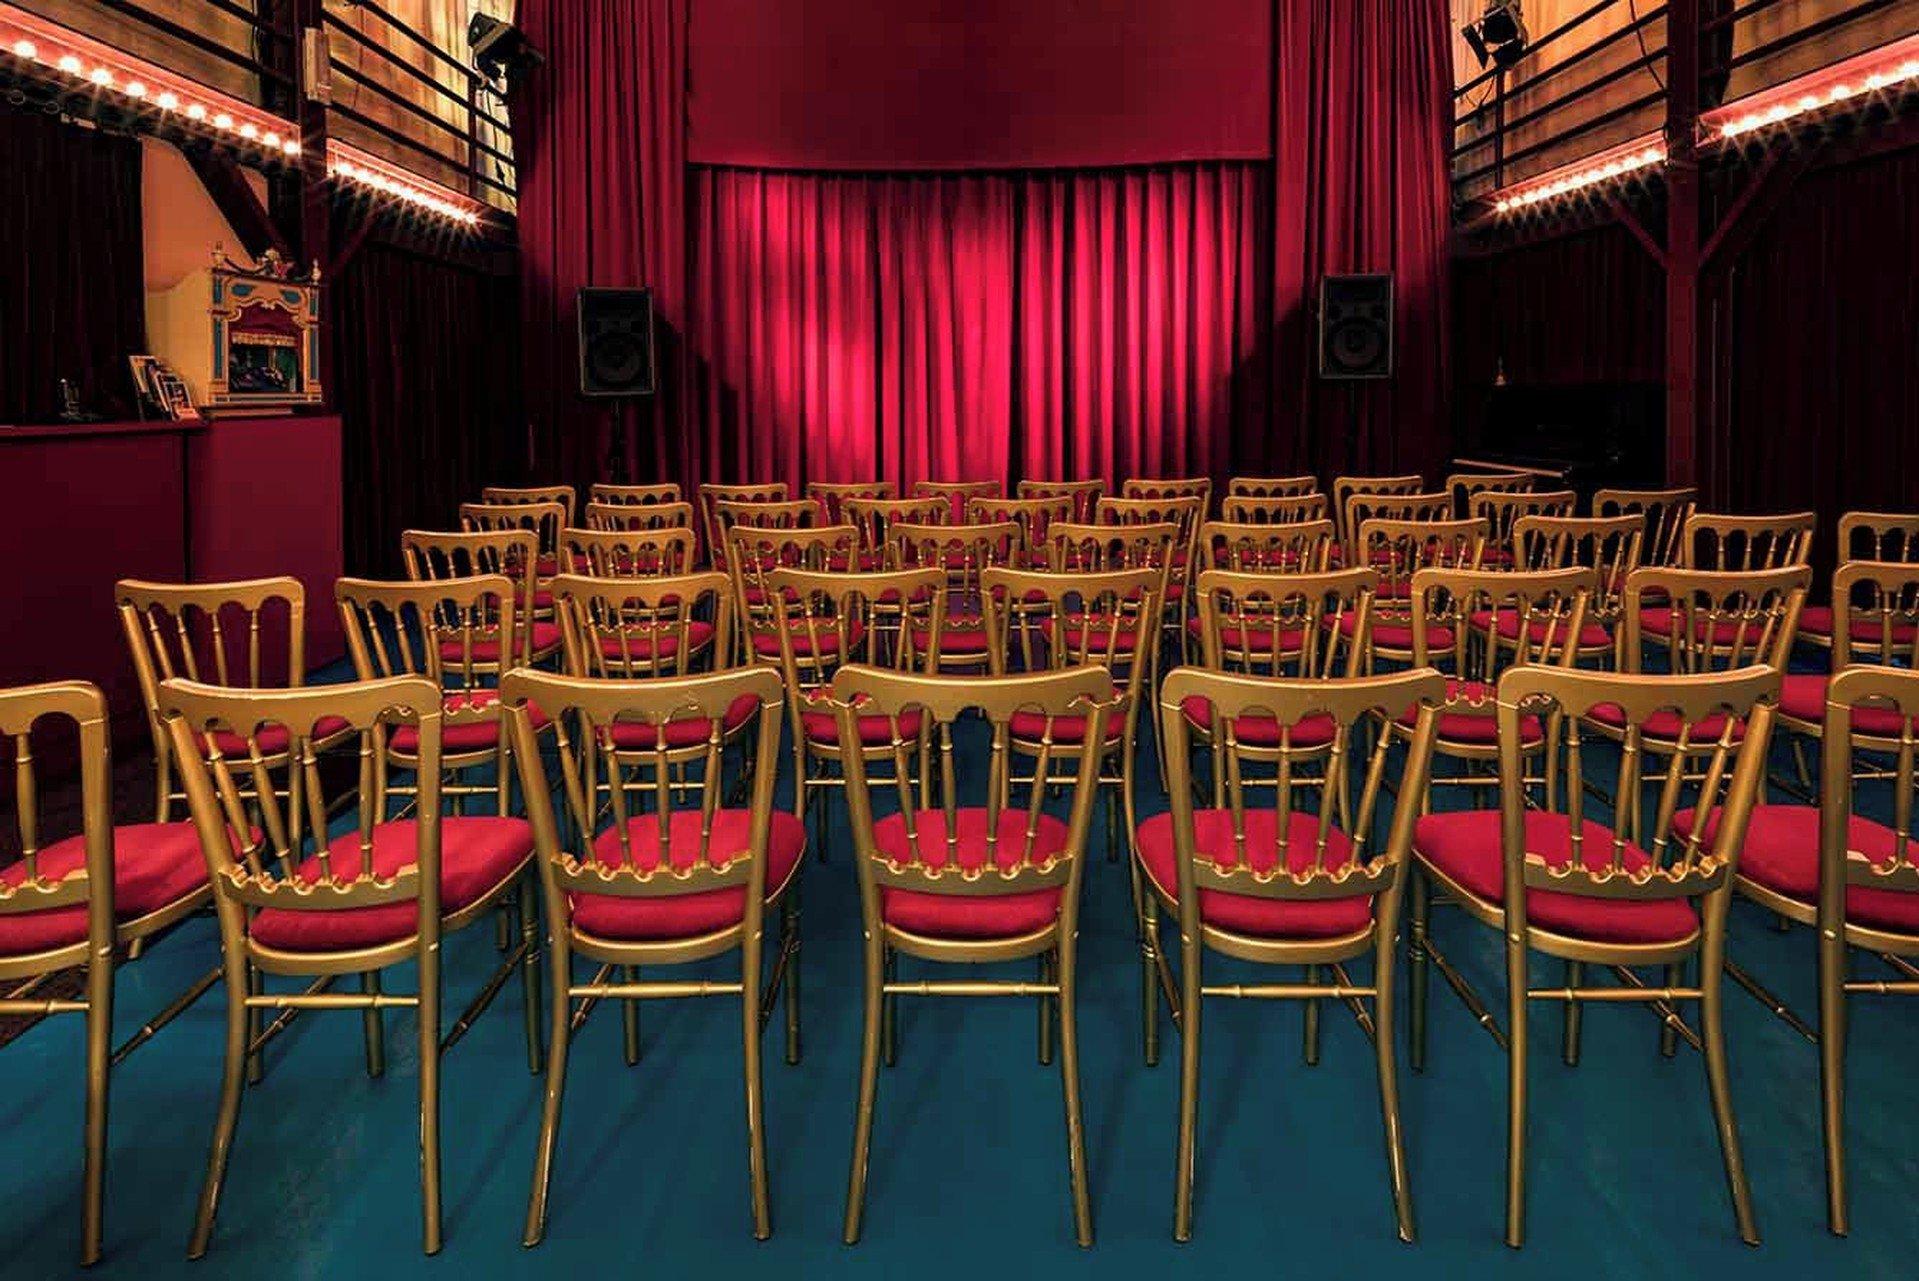 Amsterdam corporate event venues Auditorium Marionette Theatre image 3